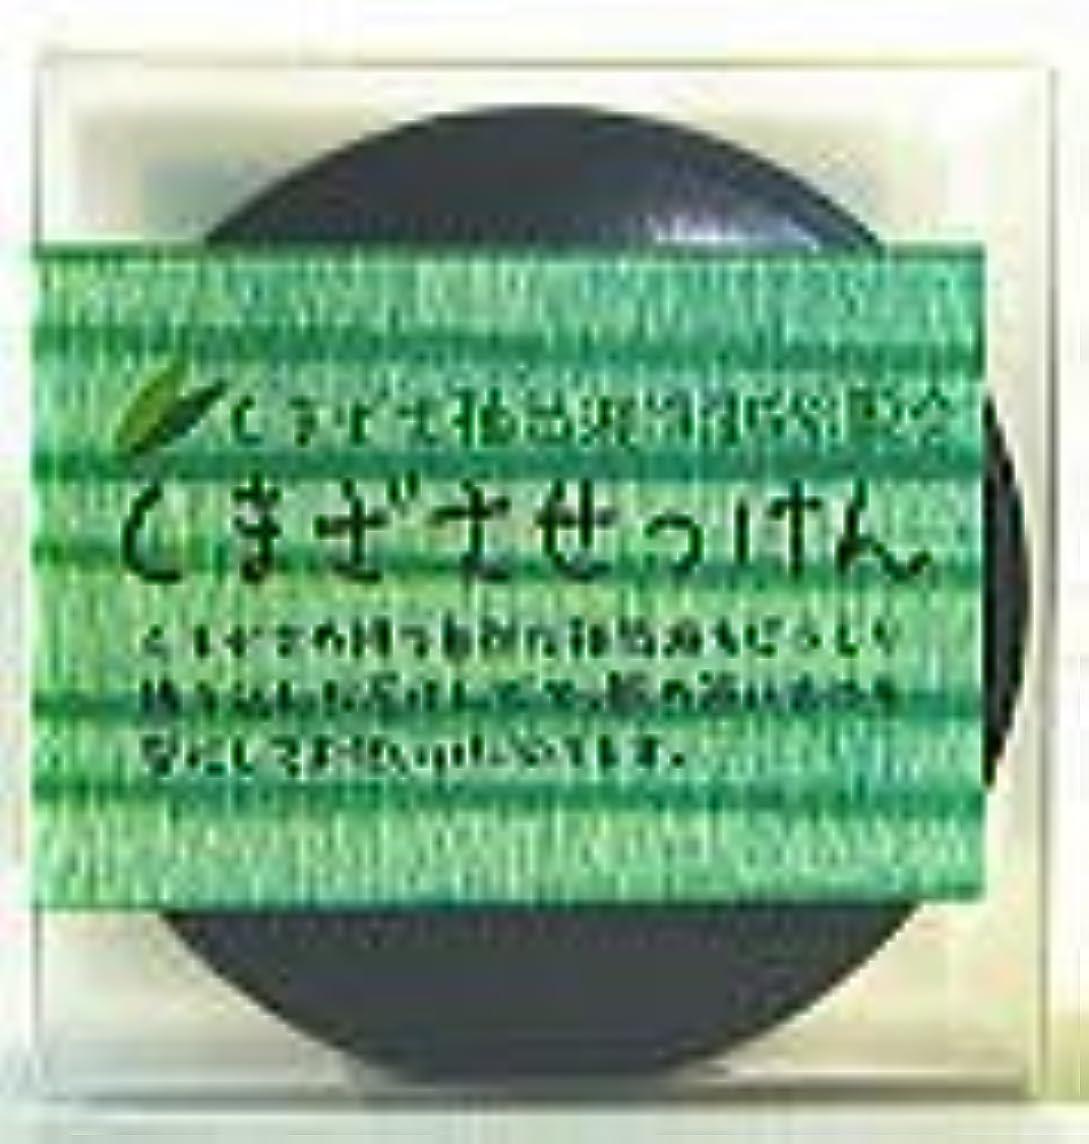 証明する耐久自発的サンクロン クマザサ石鹸 100g×3